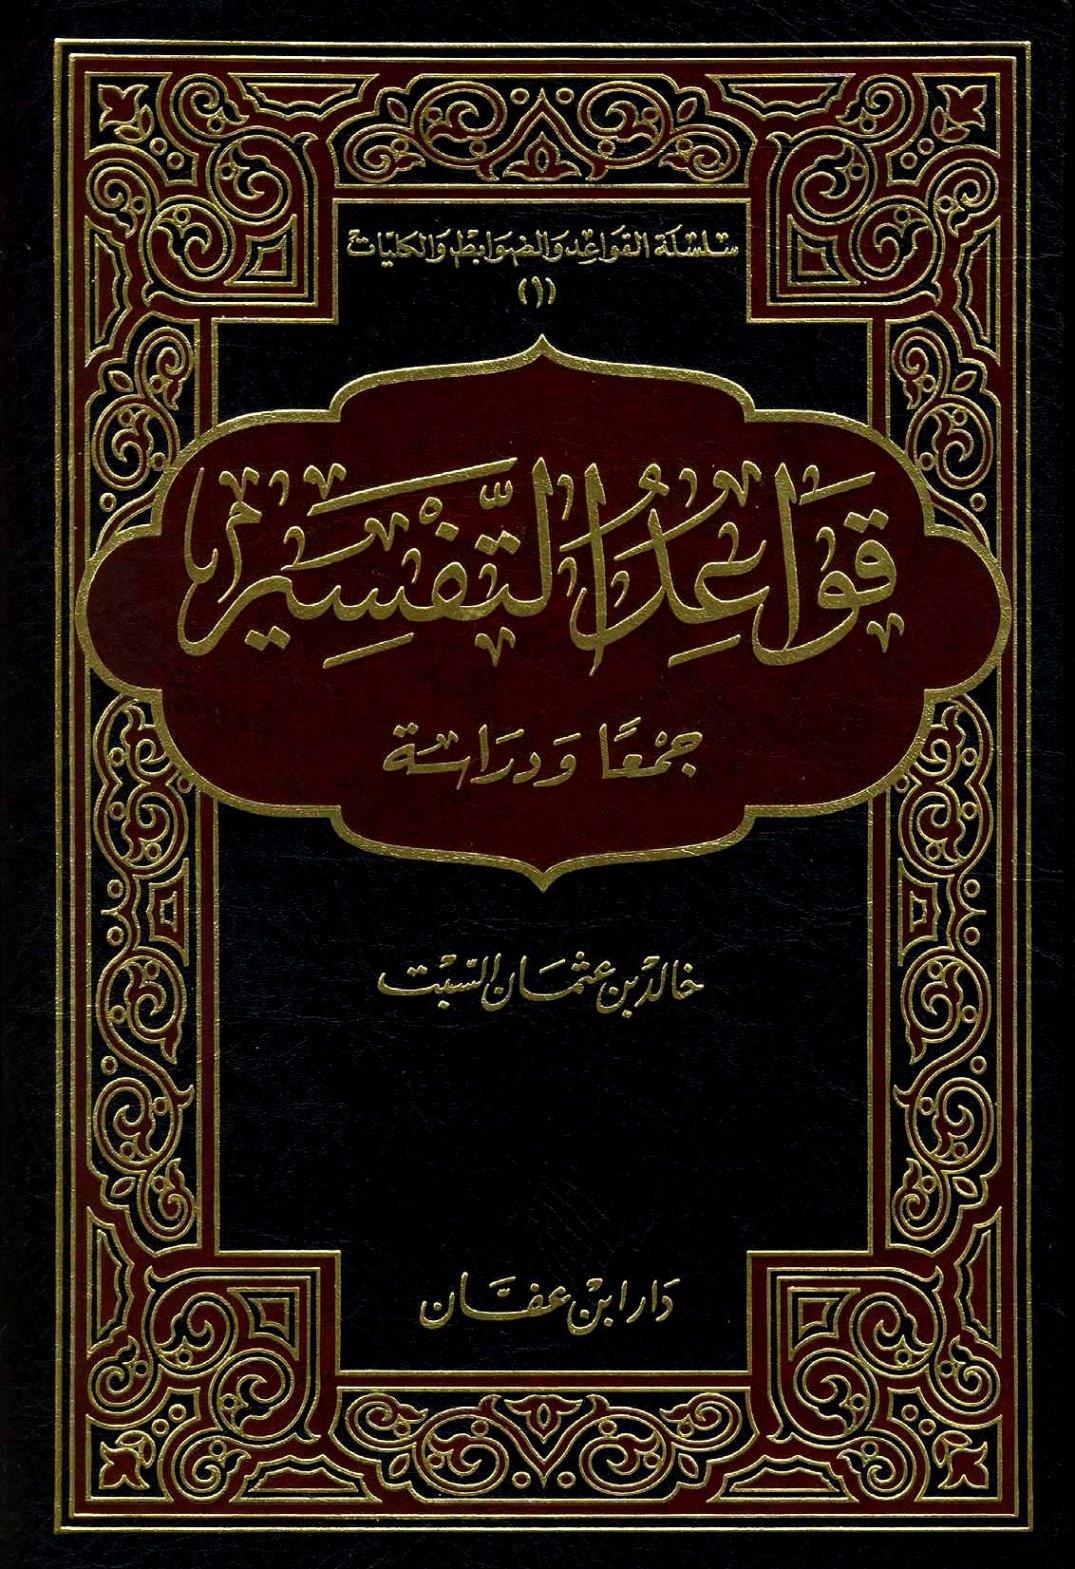 كتاب قواعد التفسير خالد السبت pdf